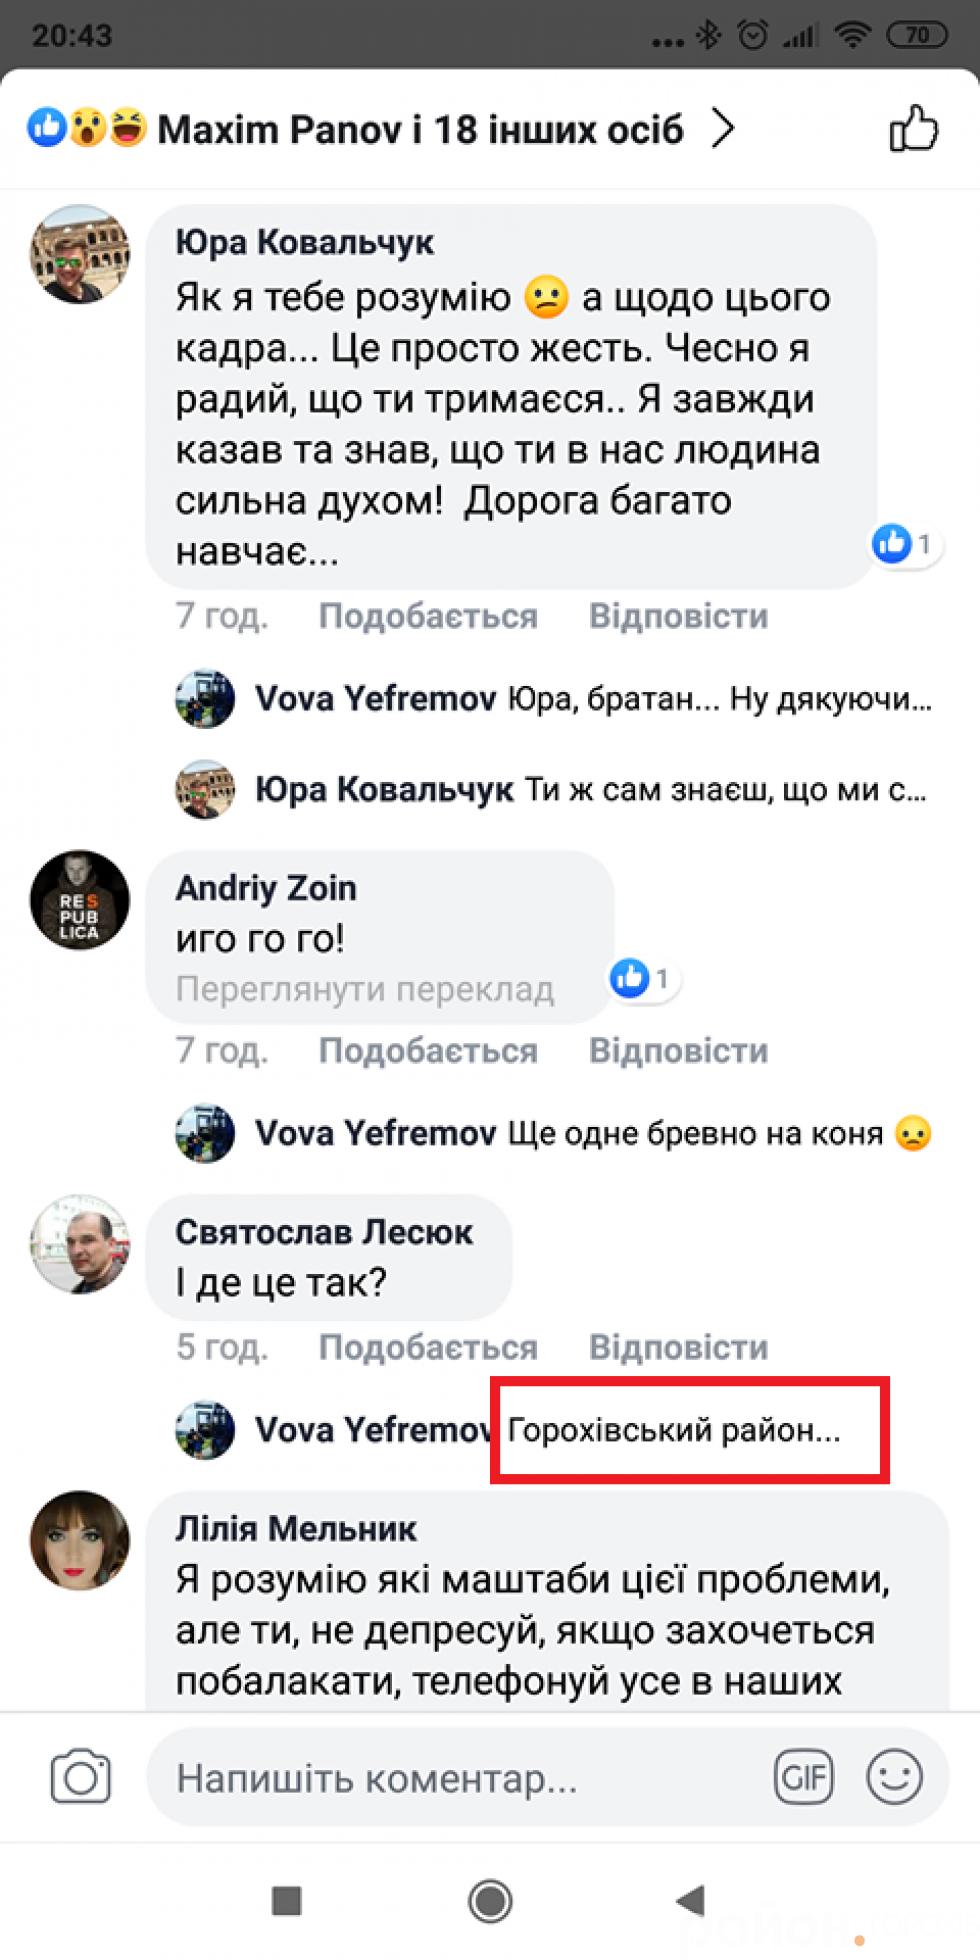 Користувач стверджує, що інцидент стався у Горохівському районі